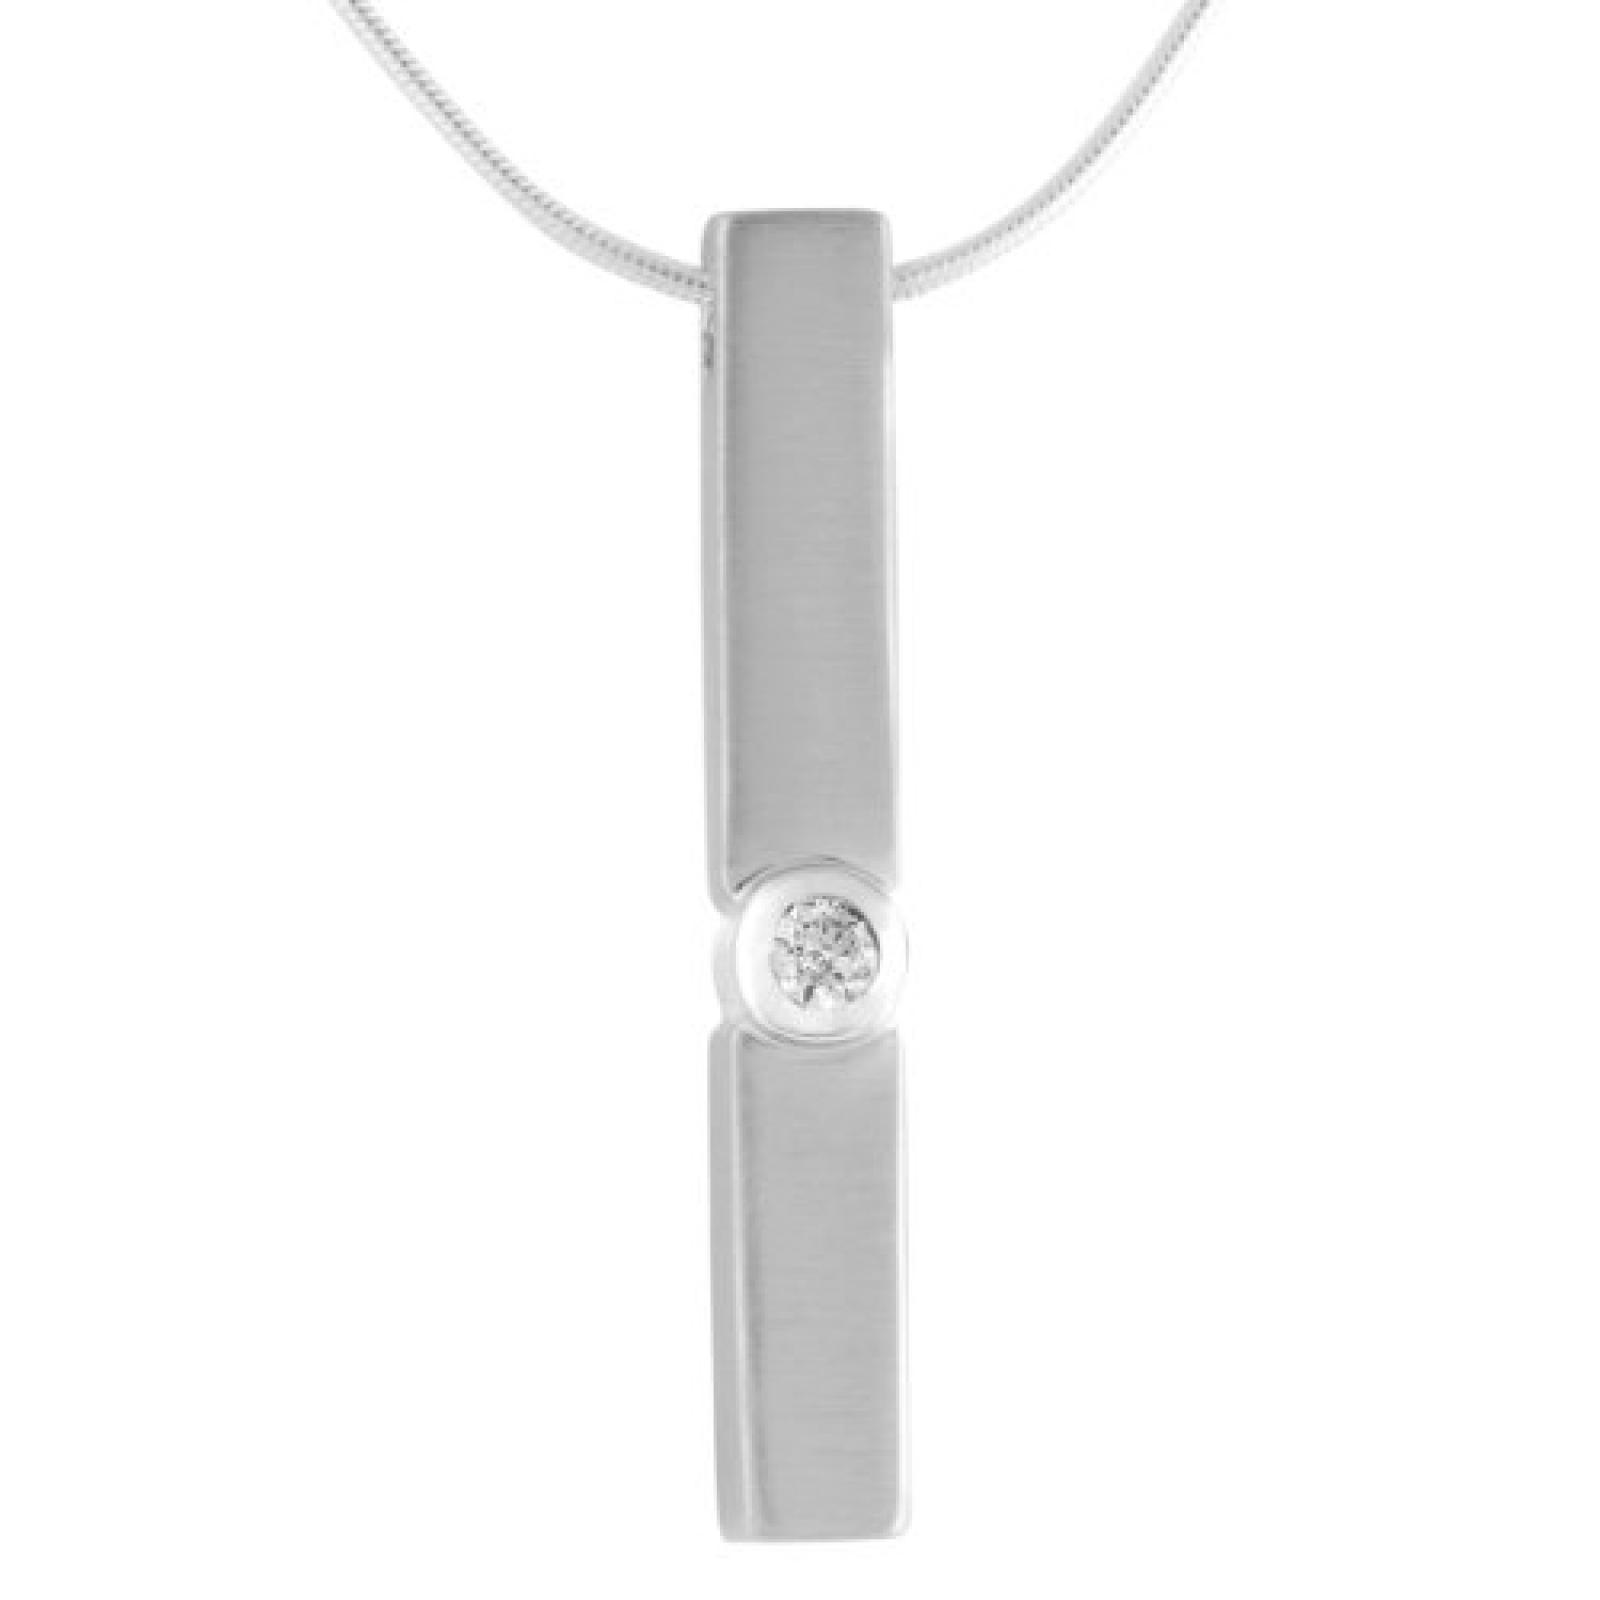 Bella Donna Damen-Collier 925 Sterlin Silber 1 Zirkonia weiss 45 cm 106386